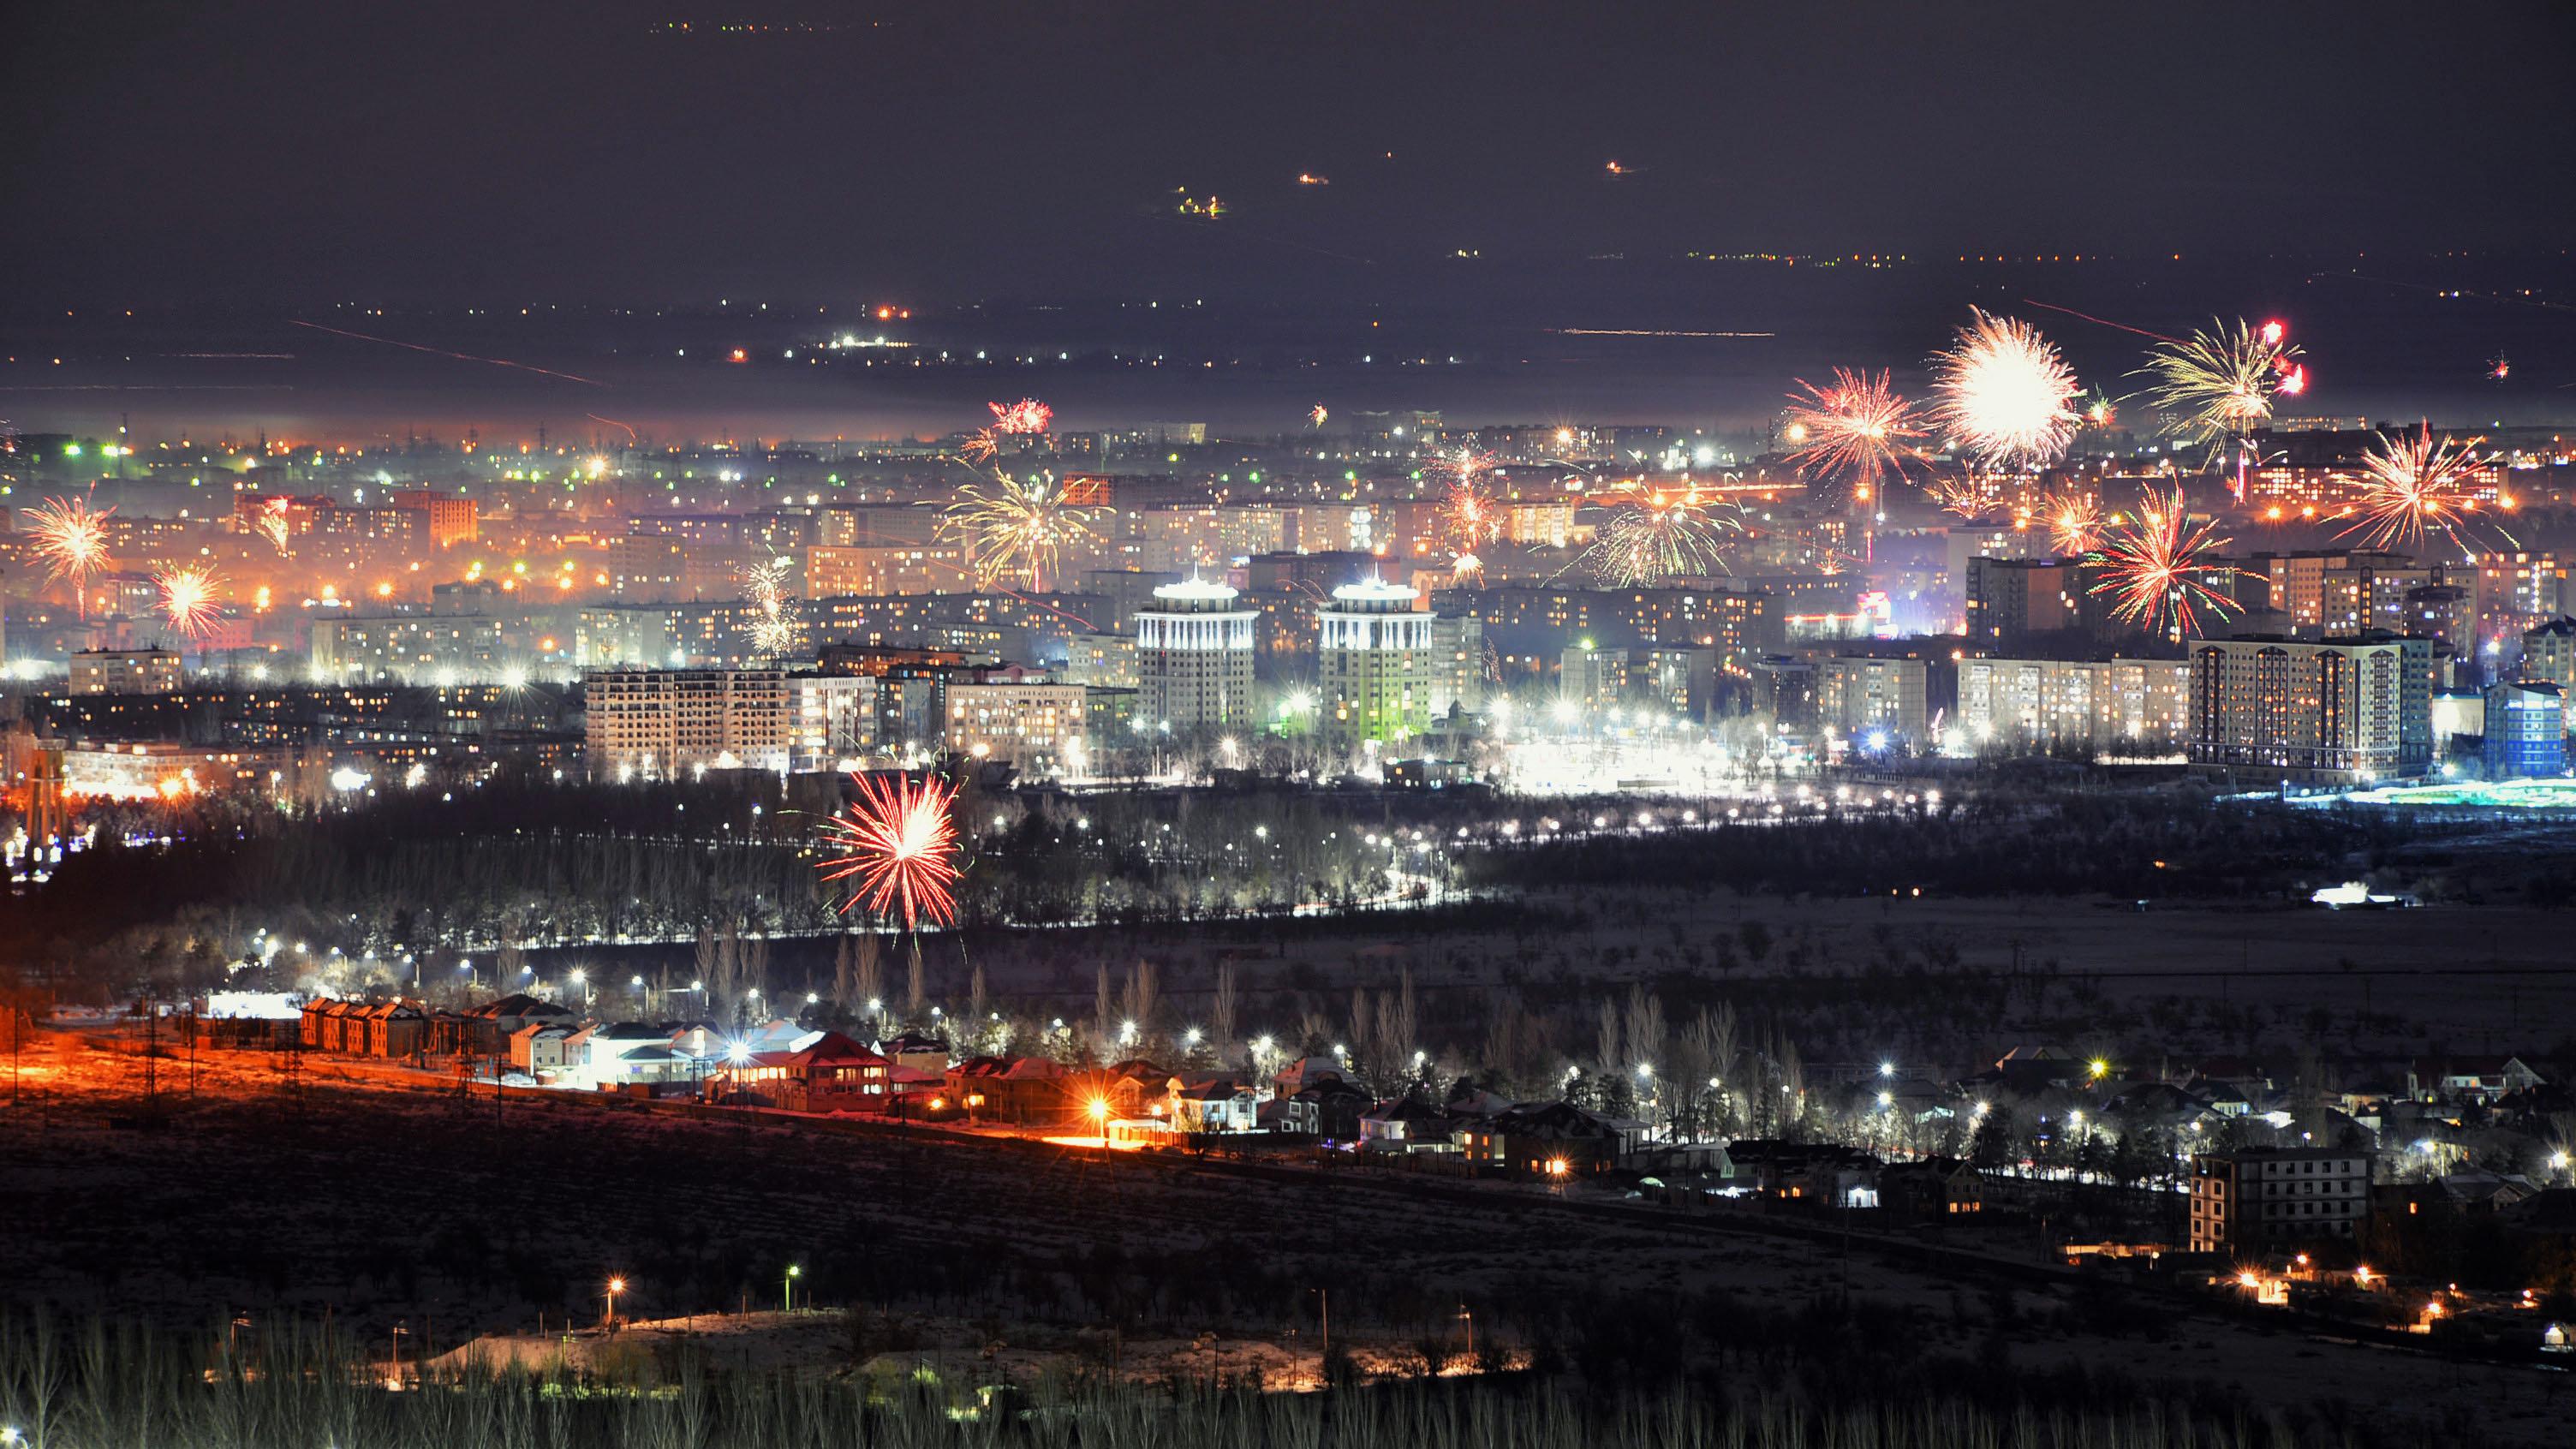 """Бишкекте адаттагыдай эле жаңы жылдык салют атылды. """"Ала-Тоо"""" аянтында шаардыктар үчүн көз жоосун алган фейерверк 8 мүнөткө созулду."""